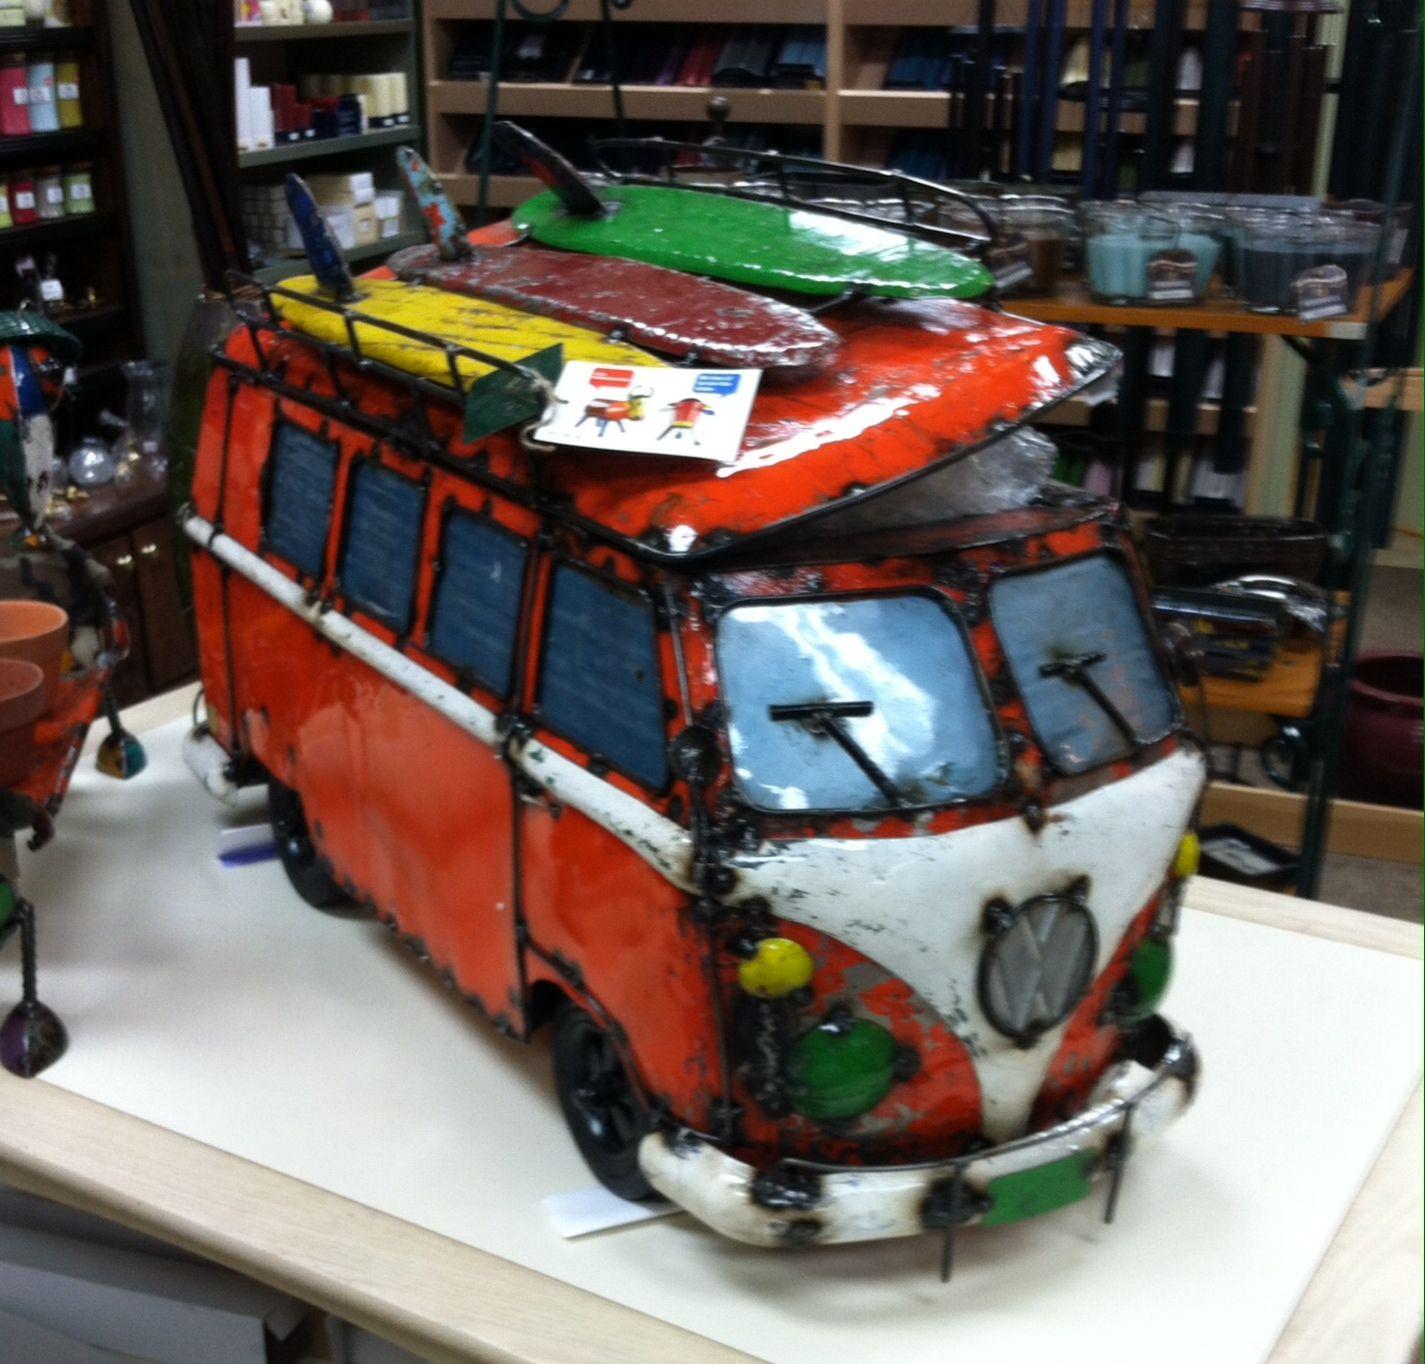 Vw Van Beer Or Wine Cooler Made From Metal Vw Van Vw Bus Wine Cooler